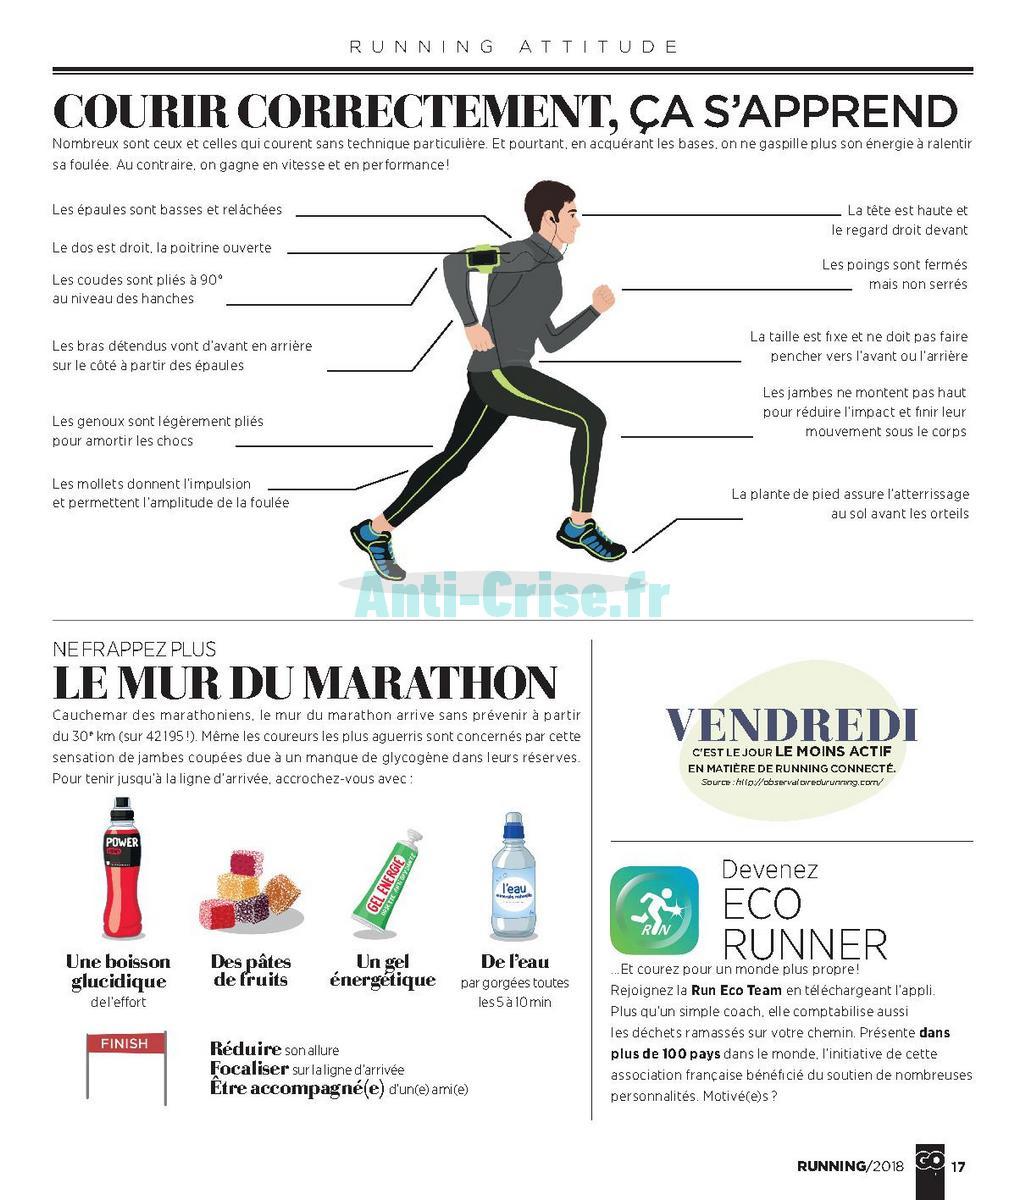 septembre2018 Catalogue Go Sport du 28 avril au 21 septembre 2018 (Running) (17)